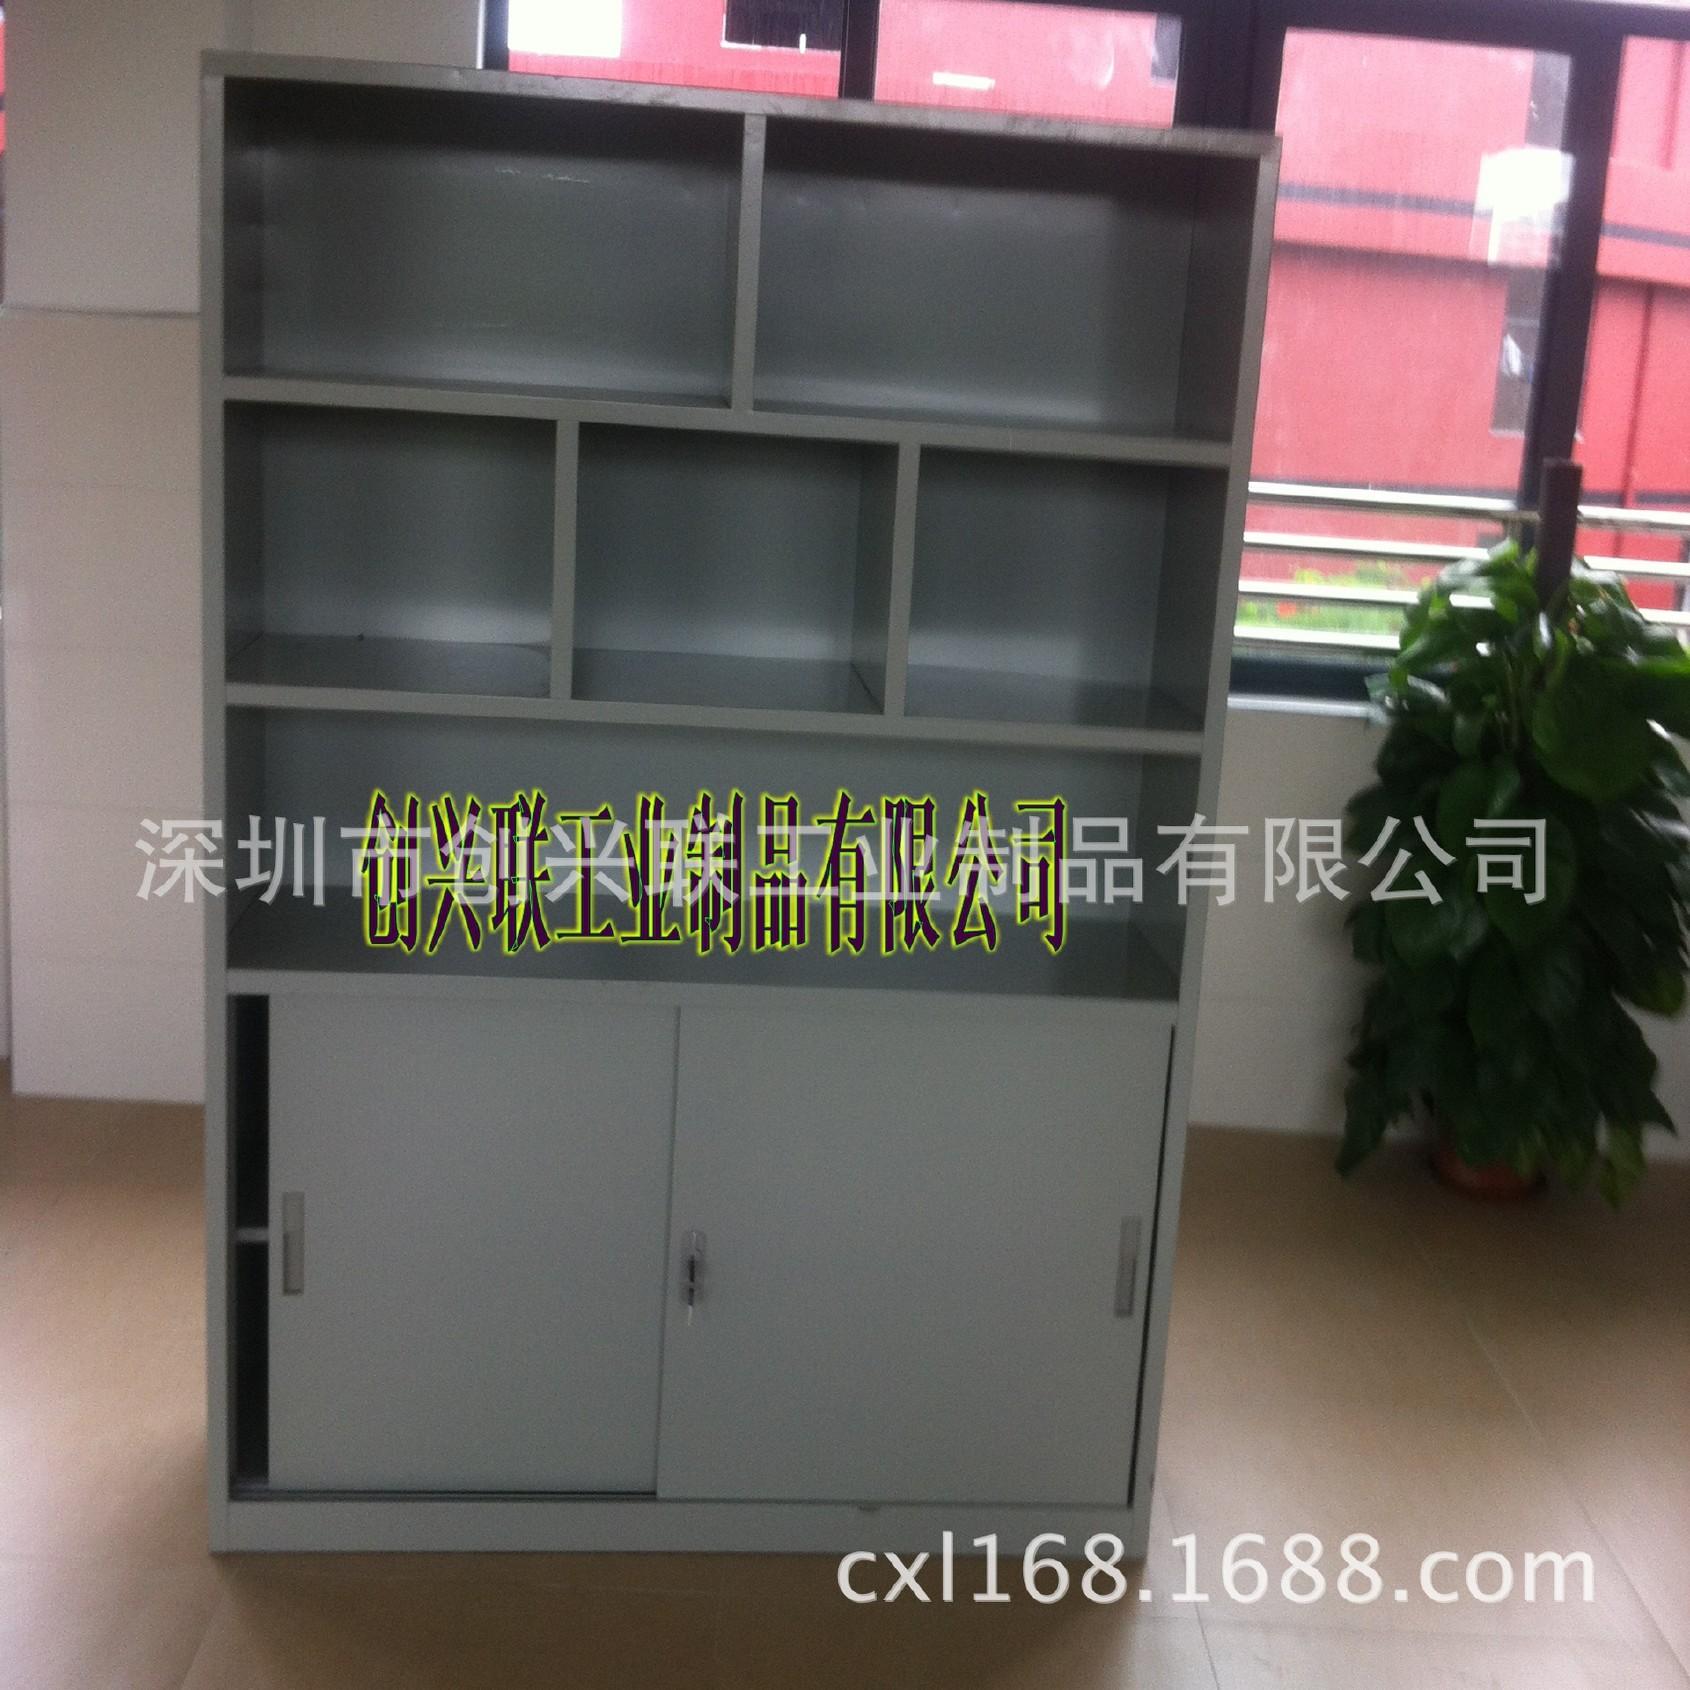 长期供应 钢制铁皮柜文件柜 优质铁质储物柜 量大从优